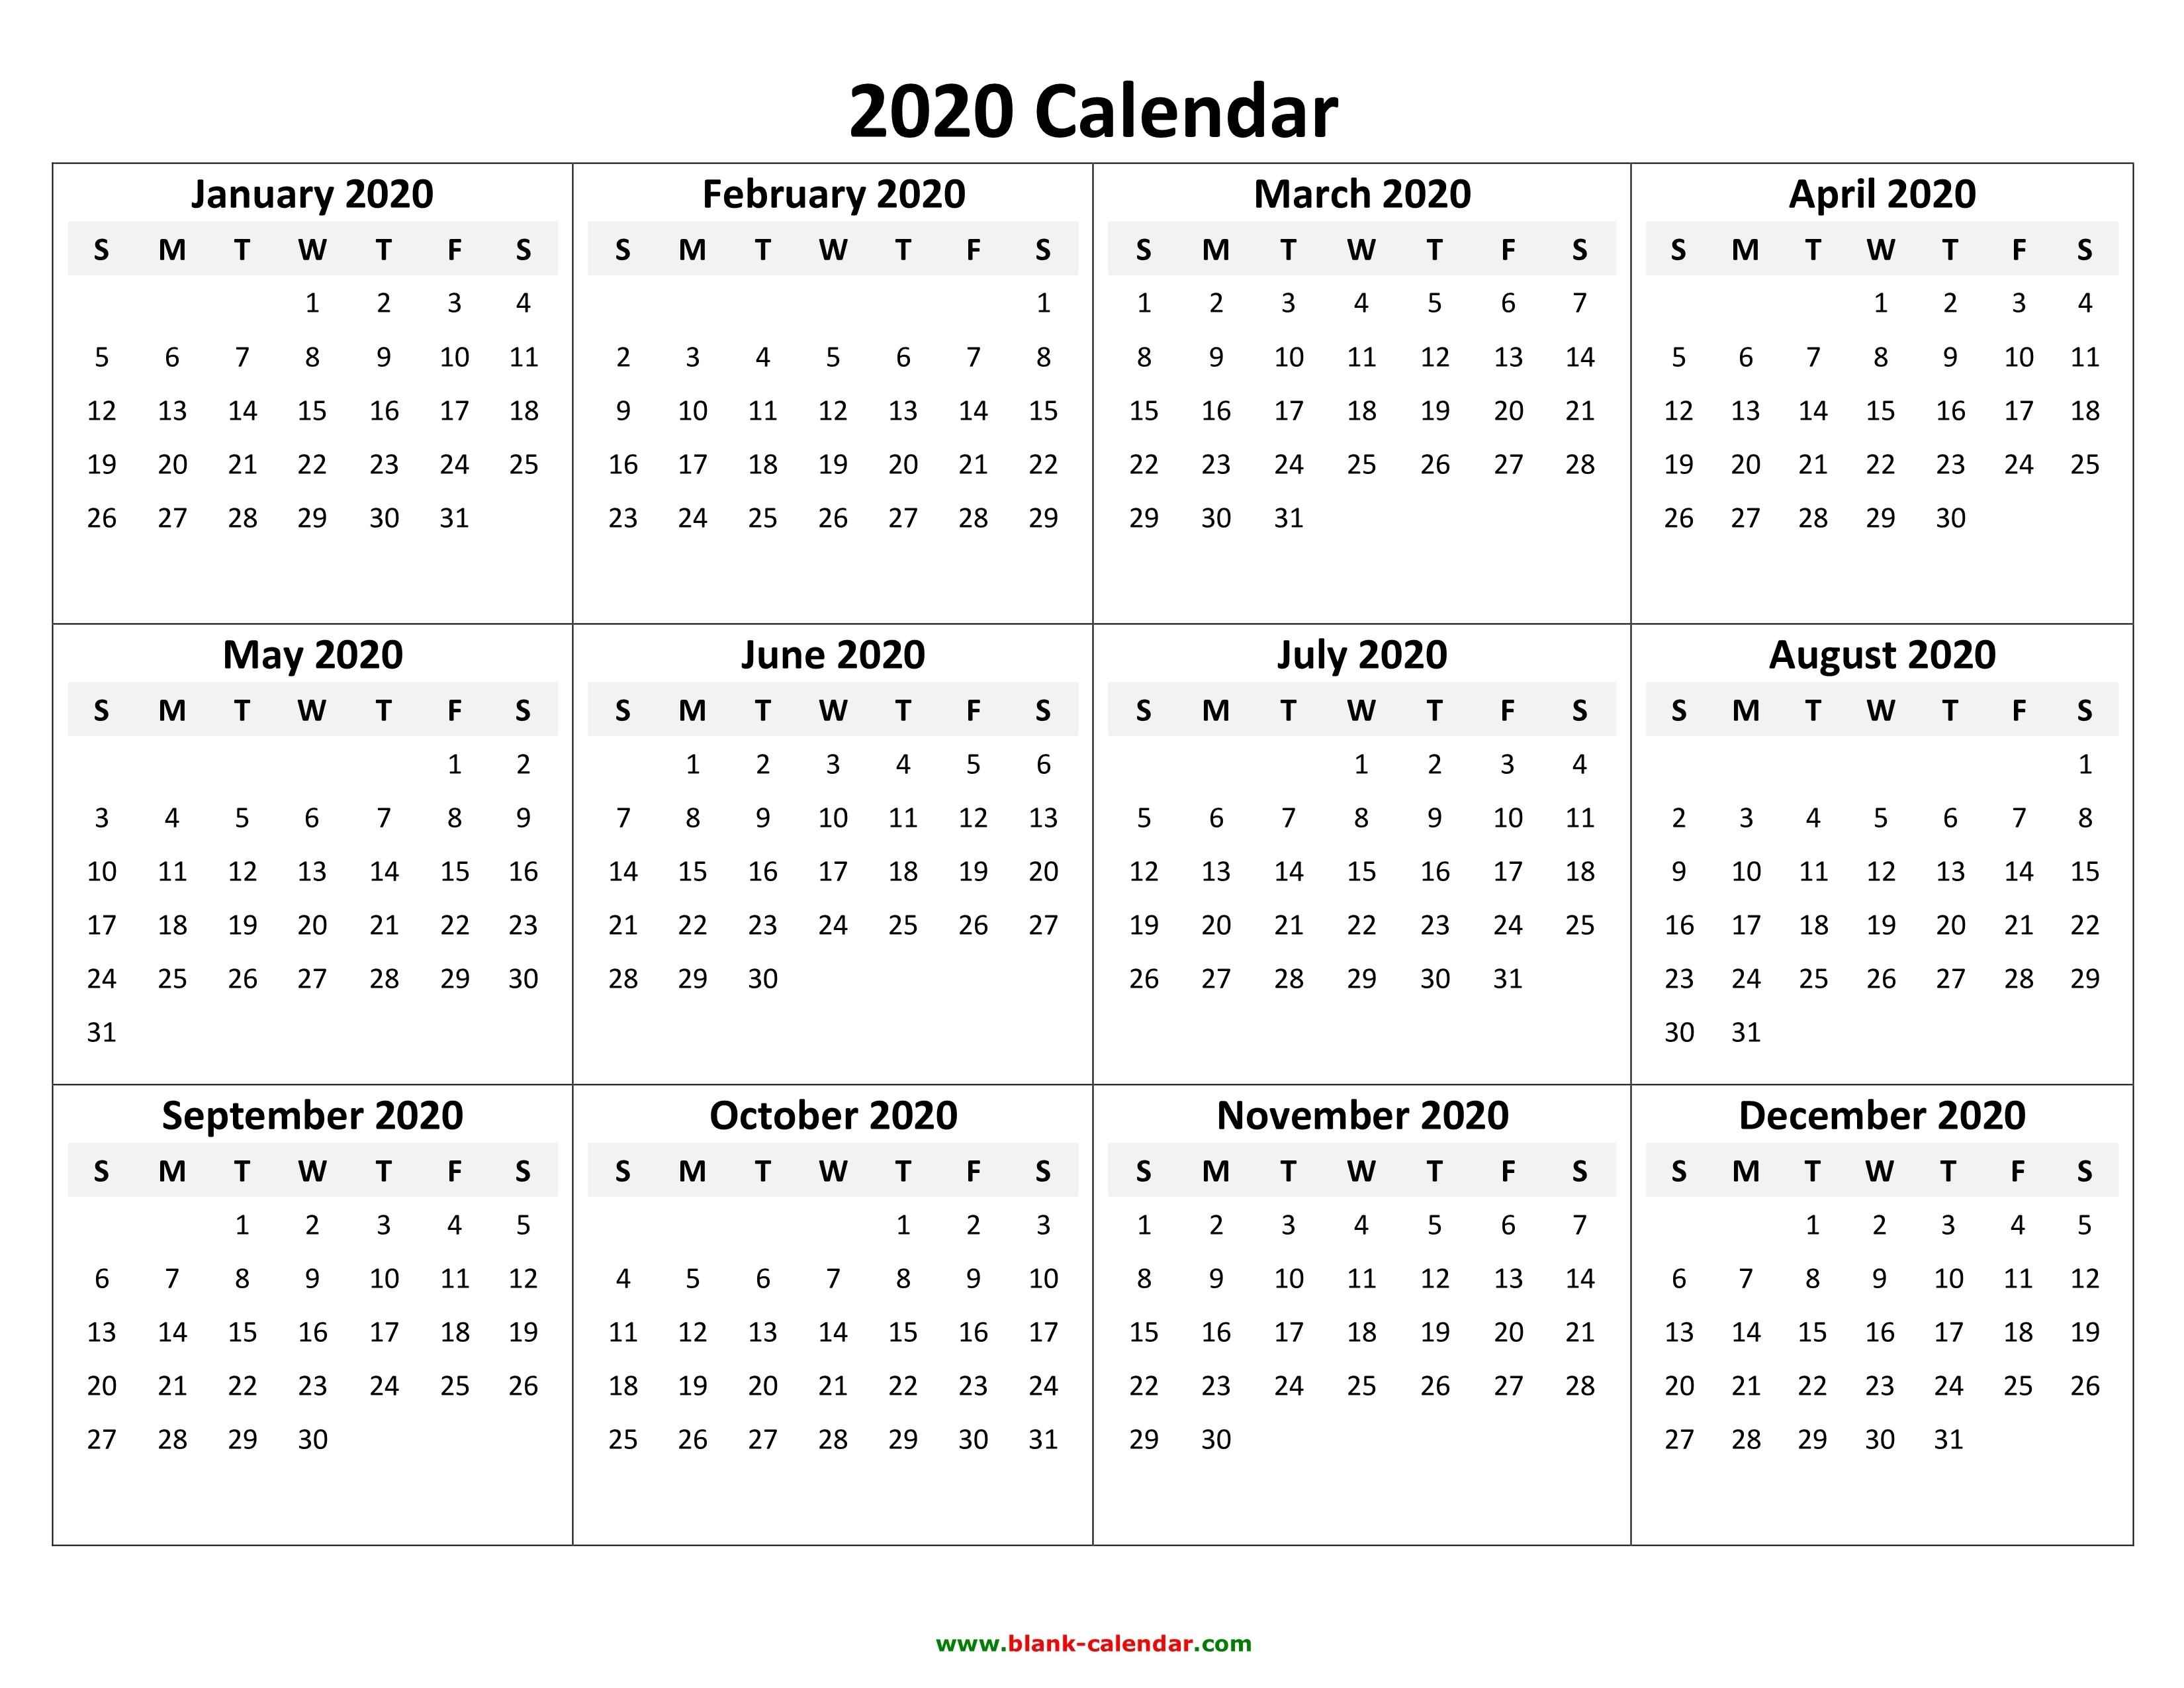 2020 Calendar Templates - Wpa.wpart.co